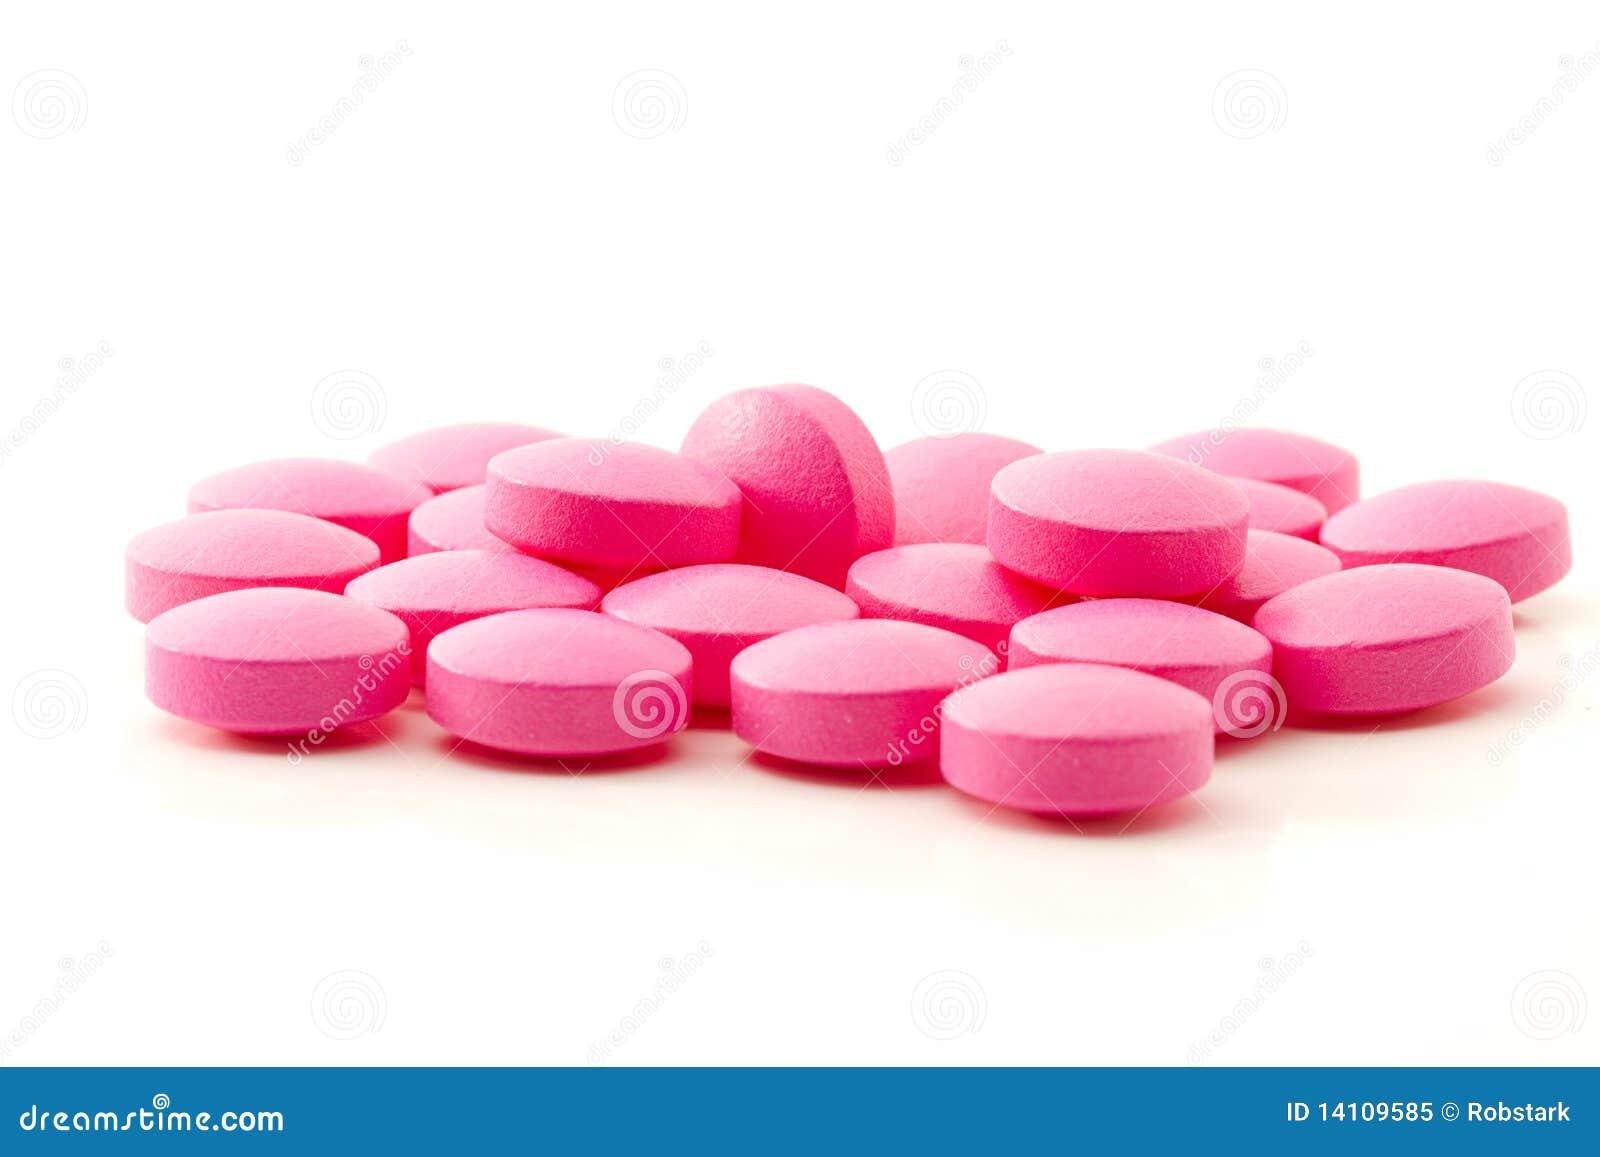 止痛药真实_止痛药粉红色